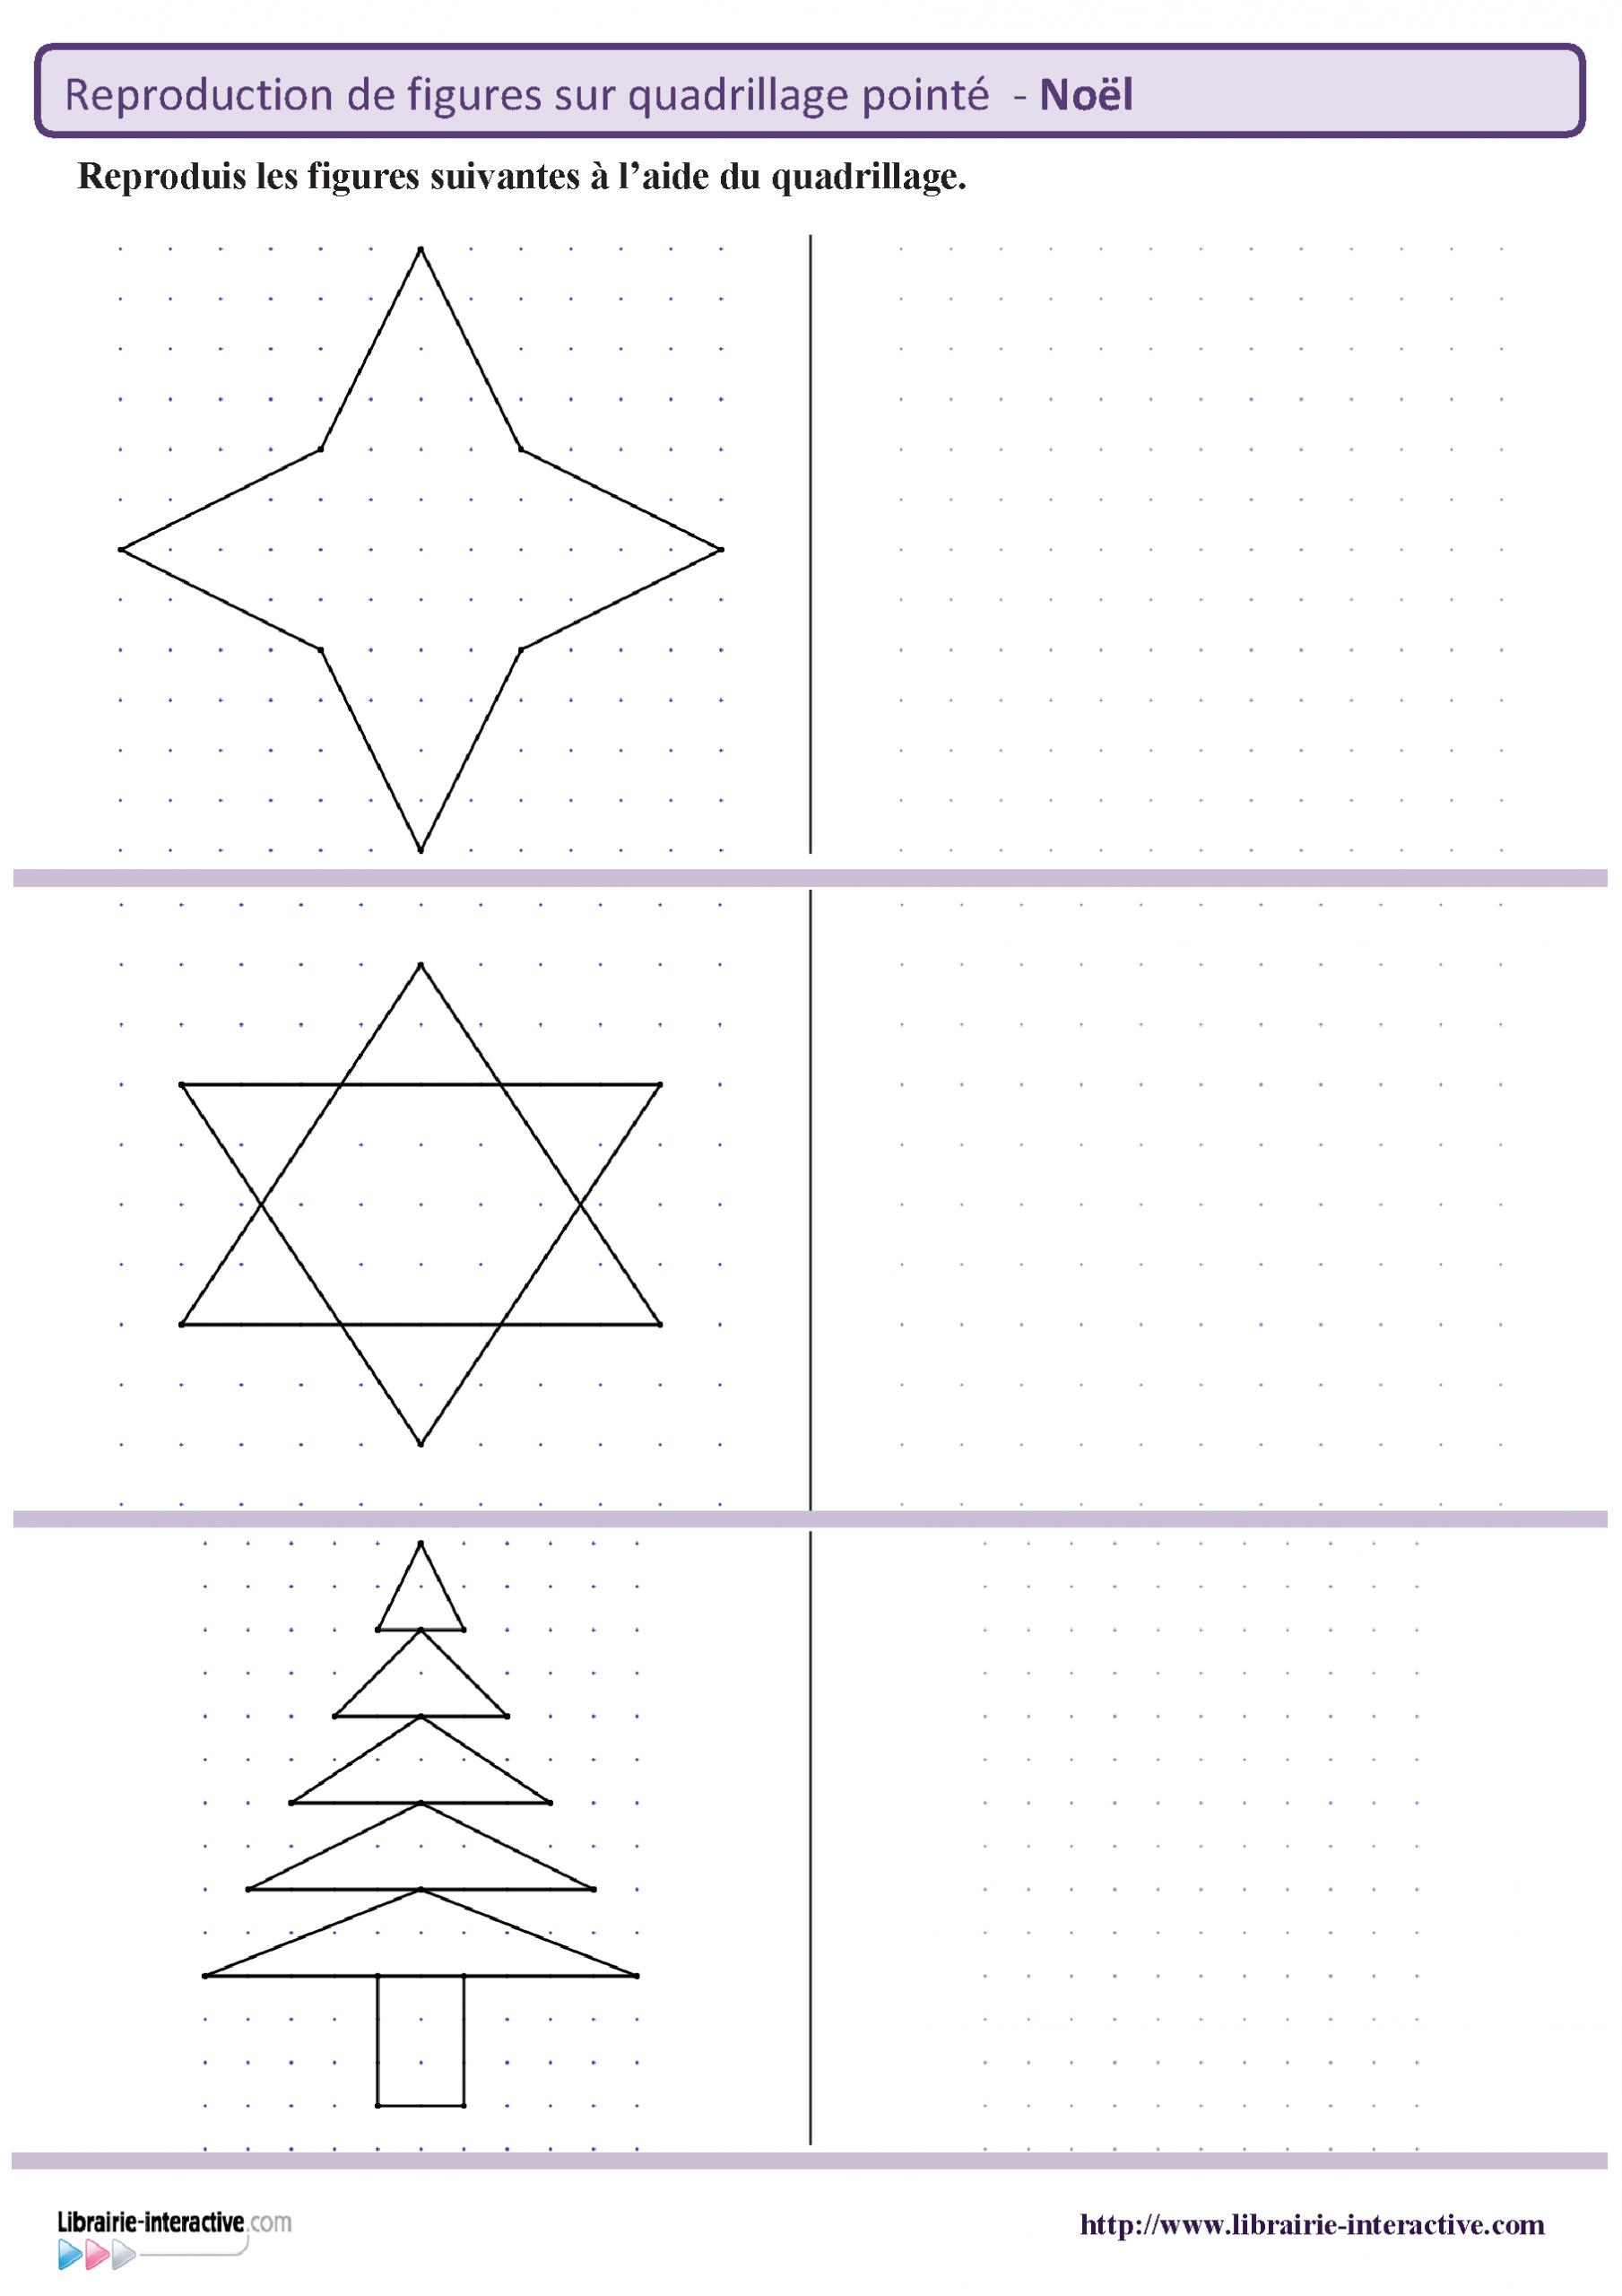 Des Figures Géométriques Sur Le Thème De Noël À Reproduire concernant Reproduction Sur Quadrillage Cm1 A Imprimer